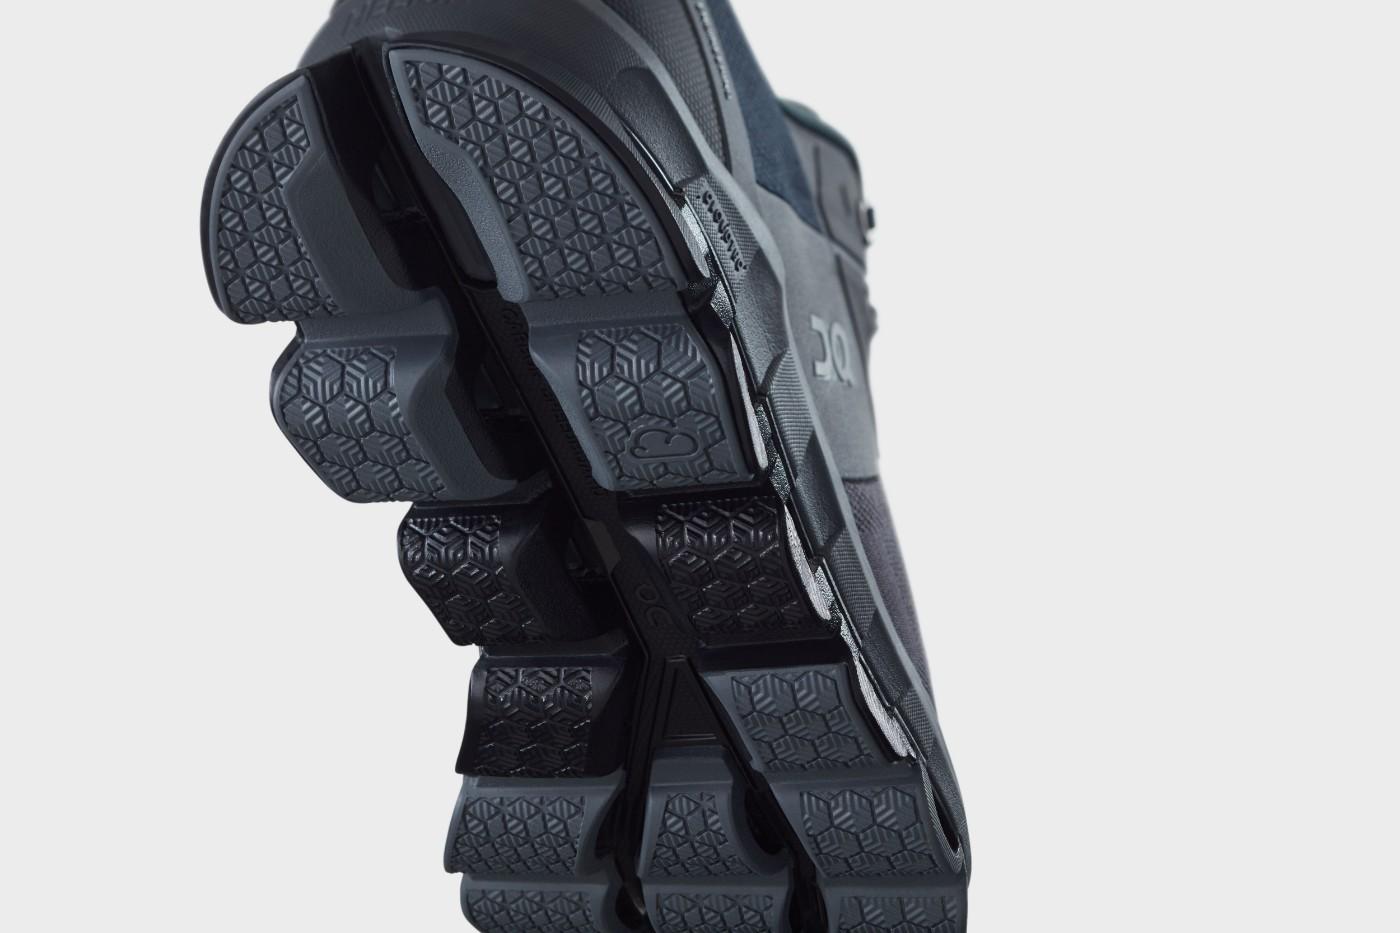 On 昂跑,Cloudace  神秘黑武士跑鞋!全新 On 昂跑 Cloudace 发售日期确定!